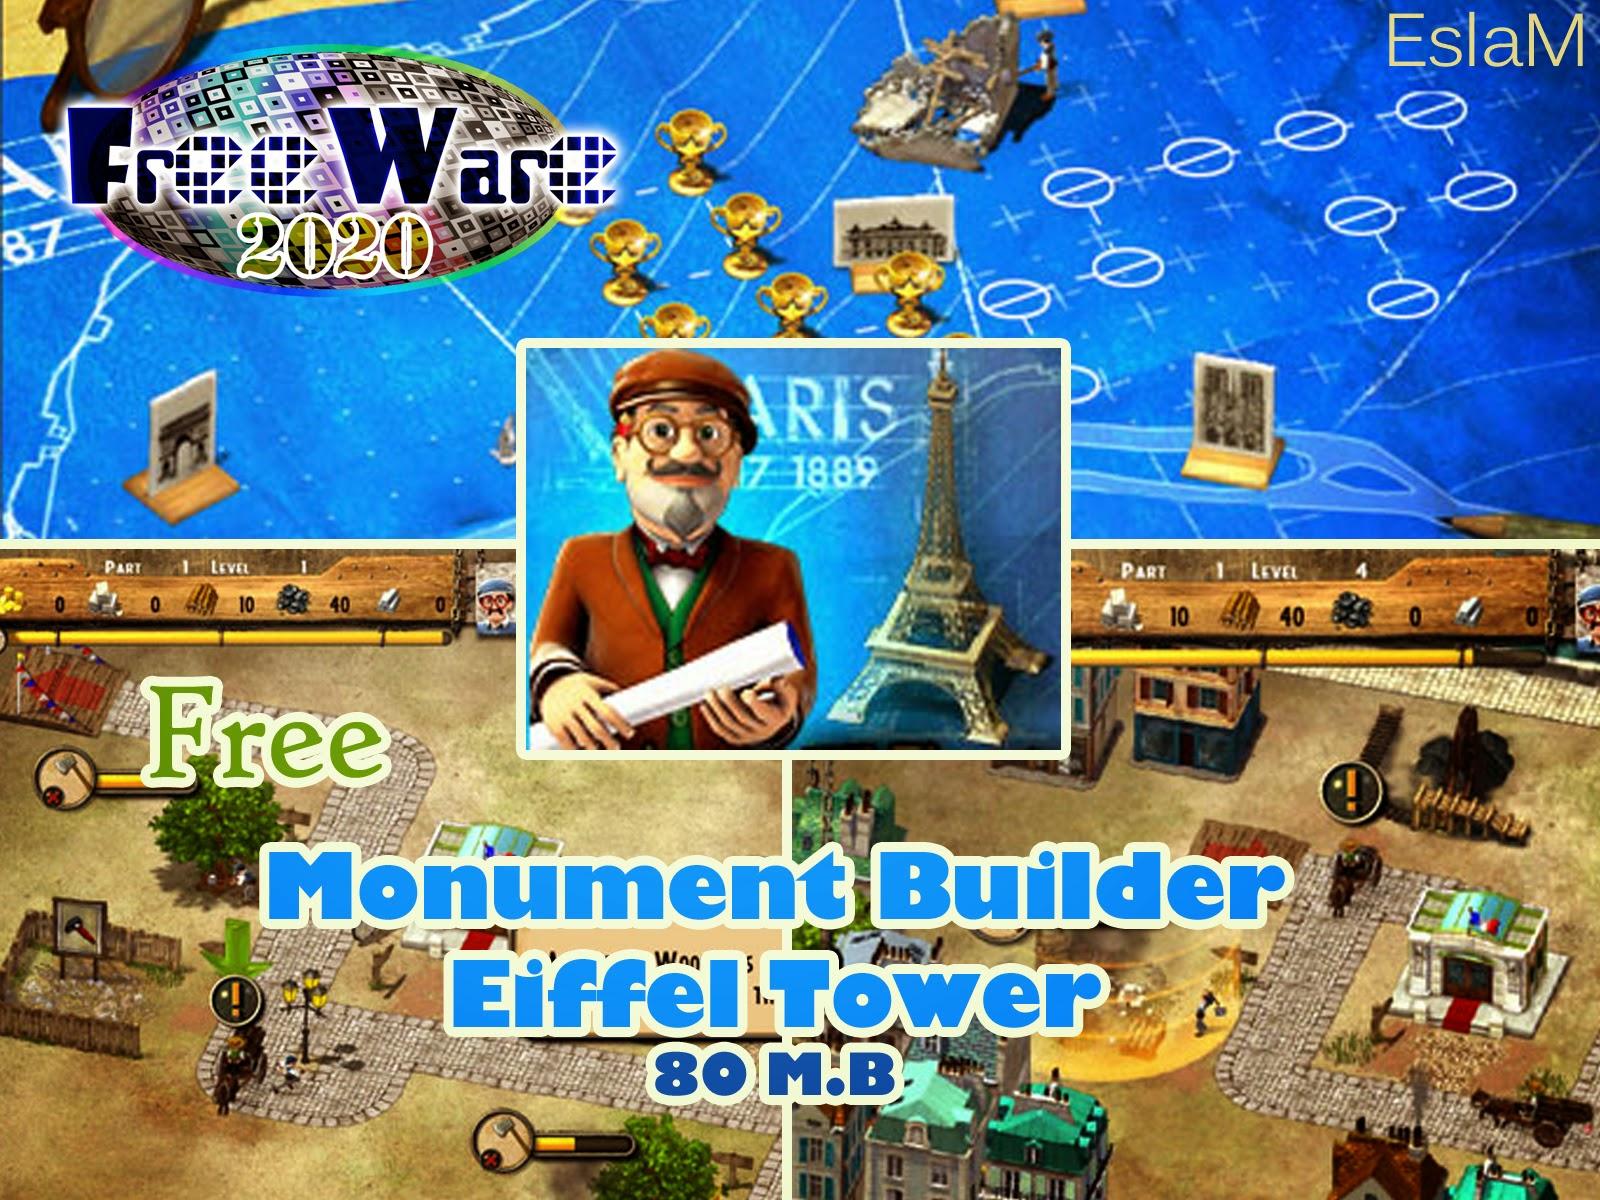 تحميل لعبة Monument Builder Eiffel Tower مجاناً